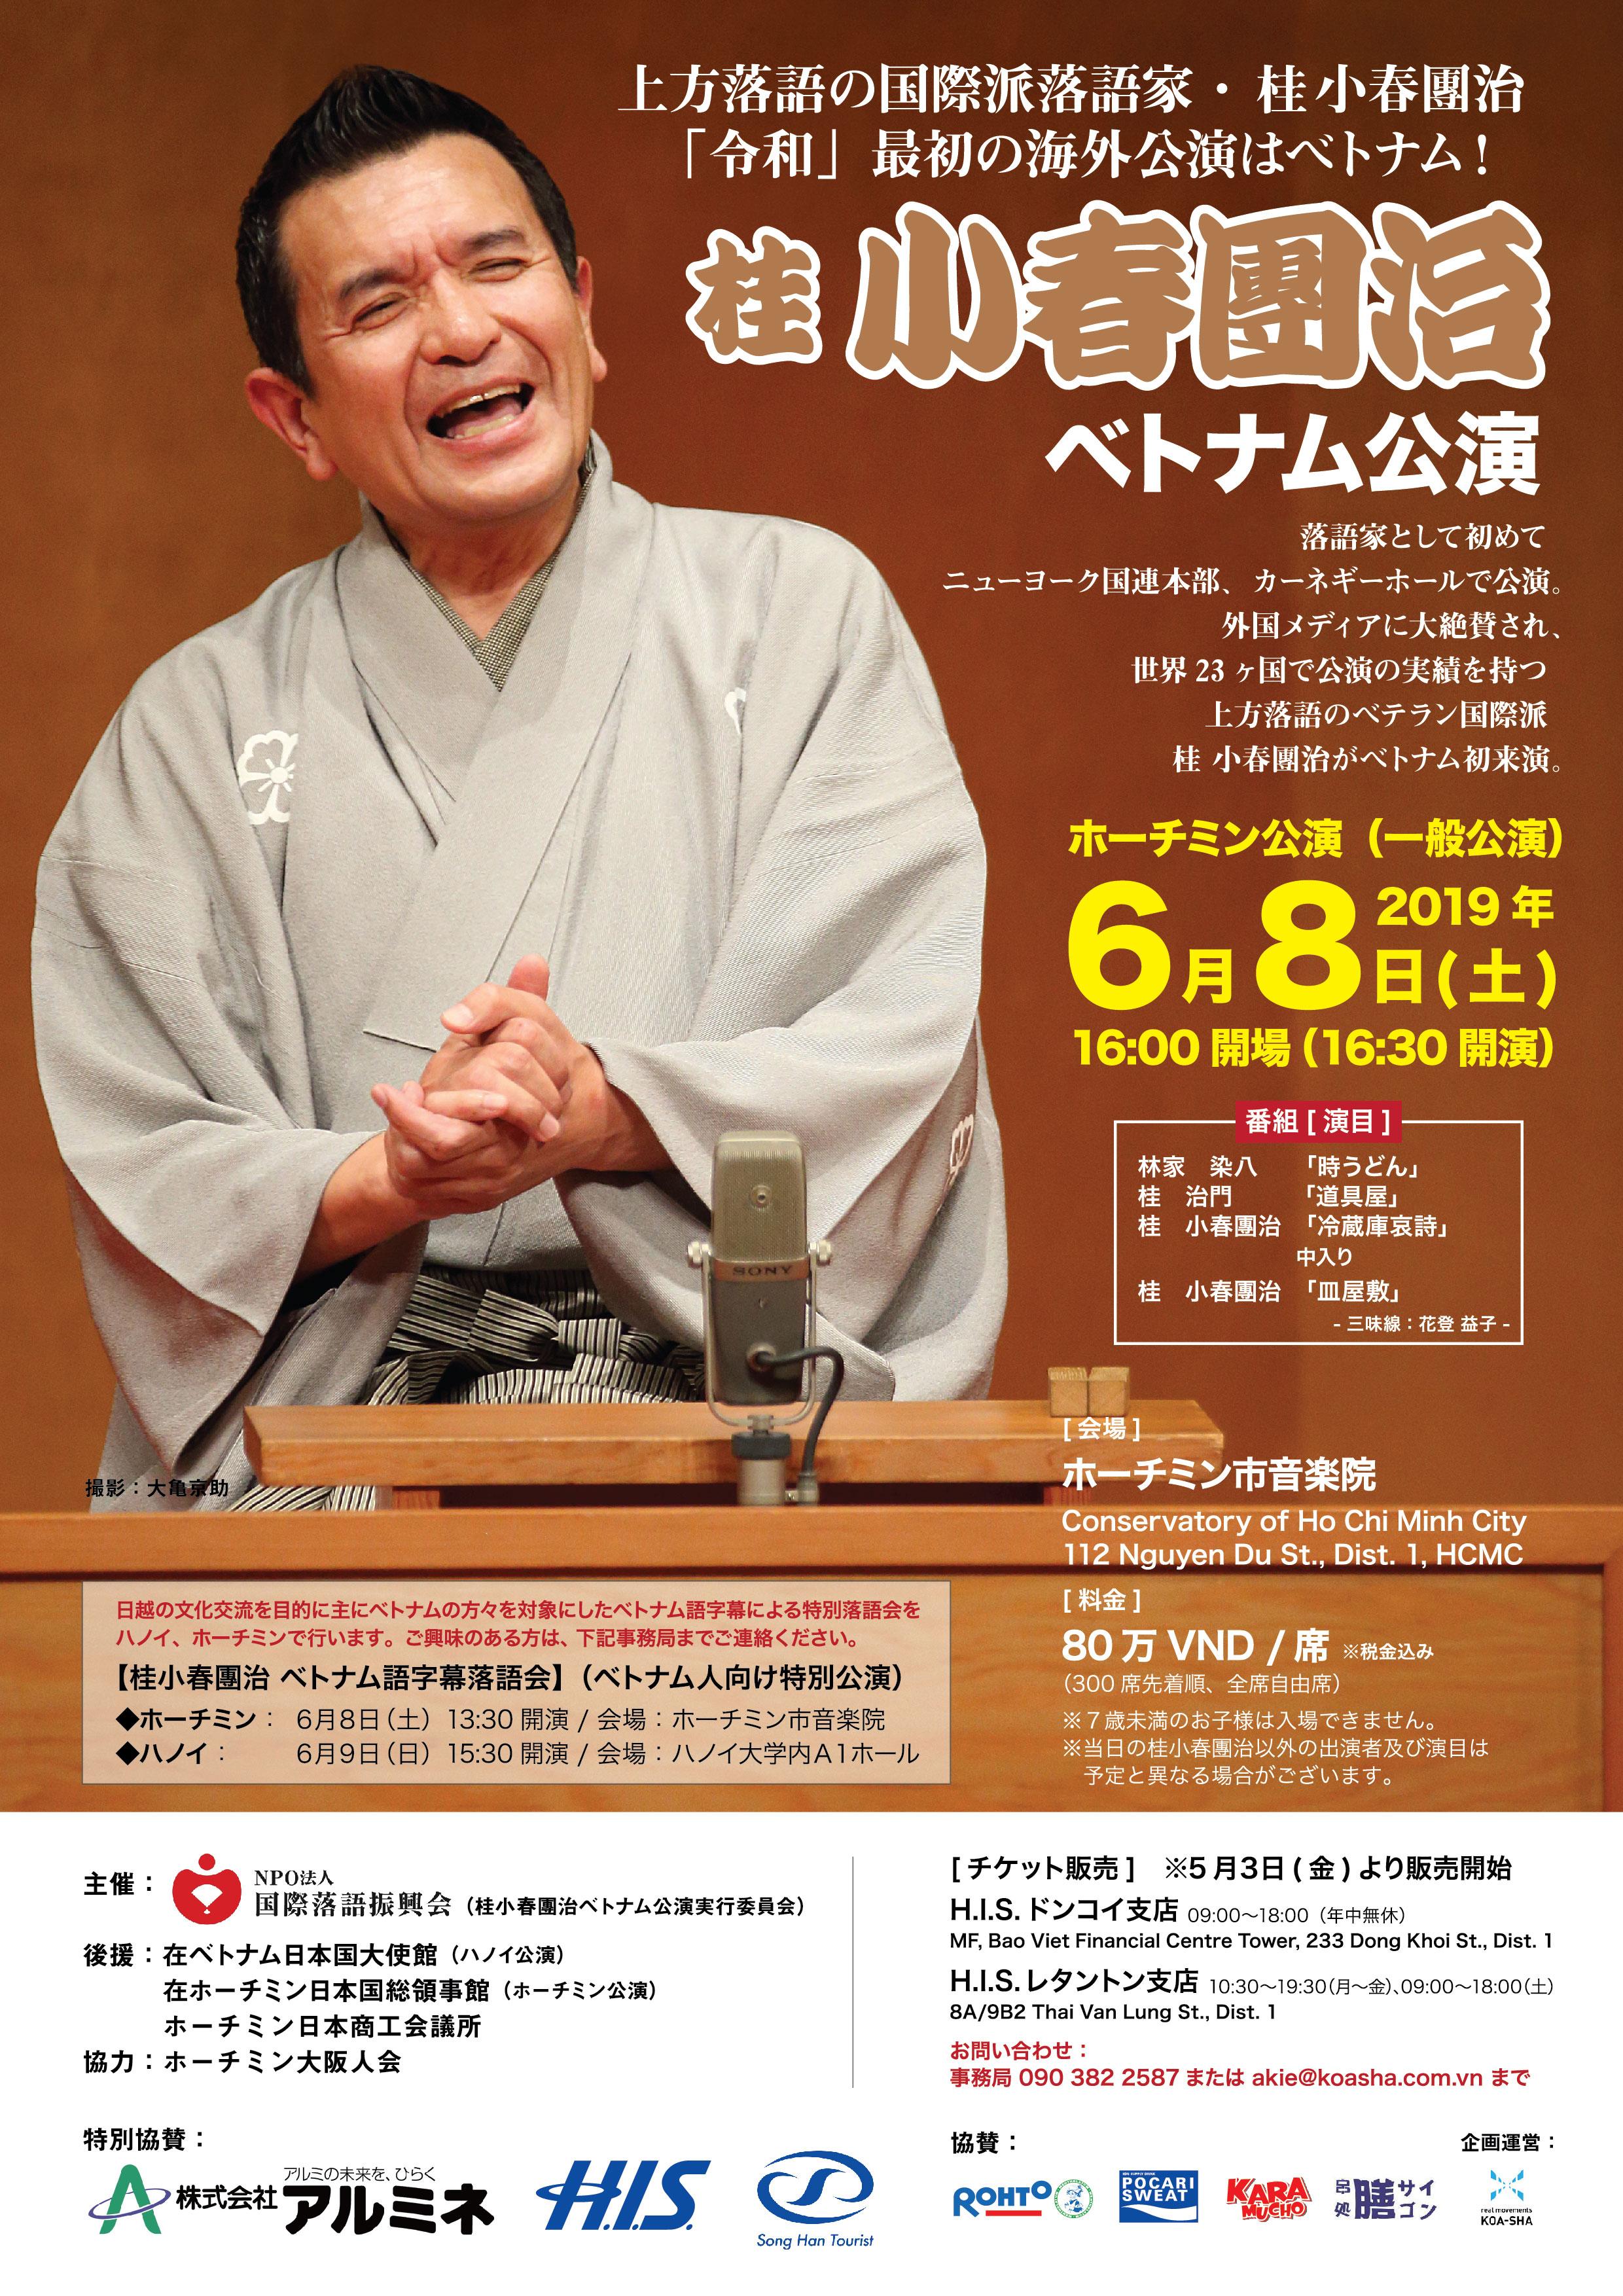 【6月8日】ホーチミンで上方落語家・桂小春團治の公演開催!!